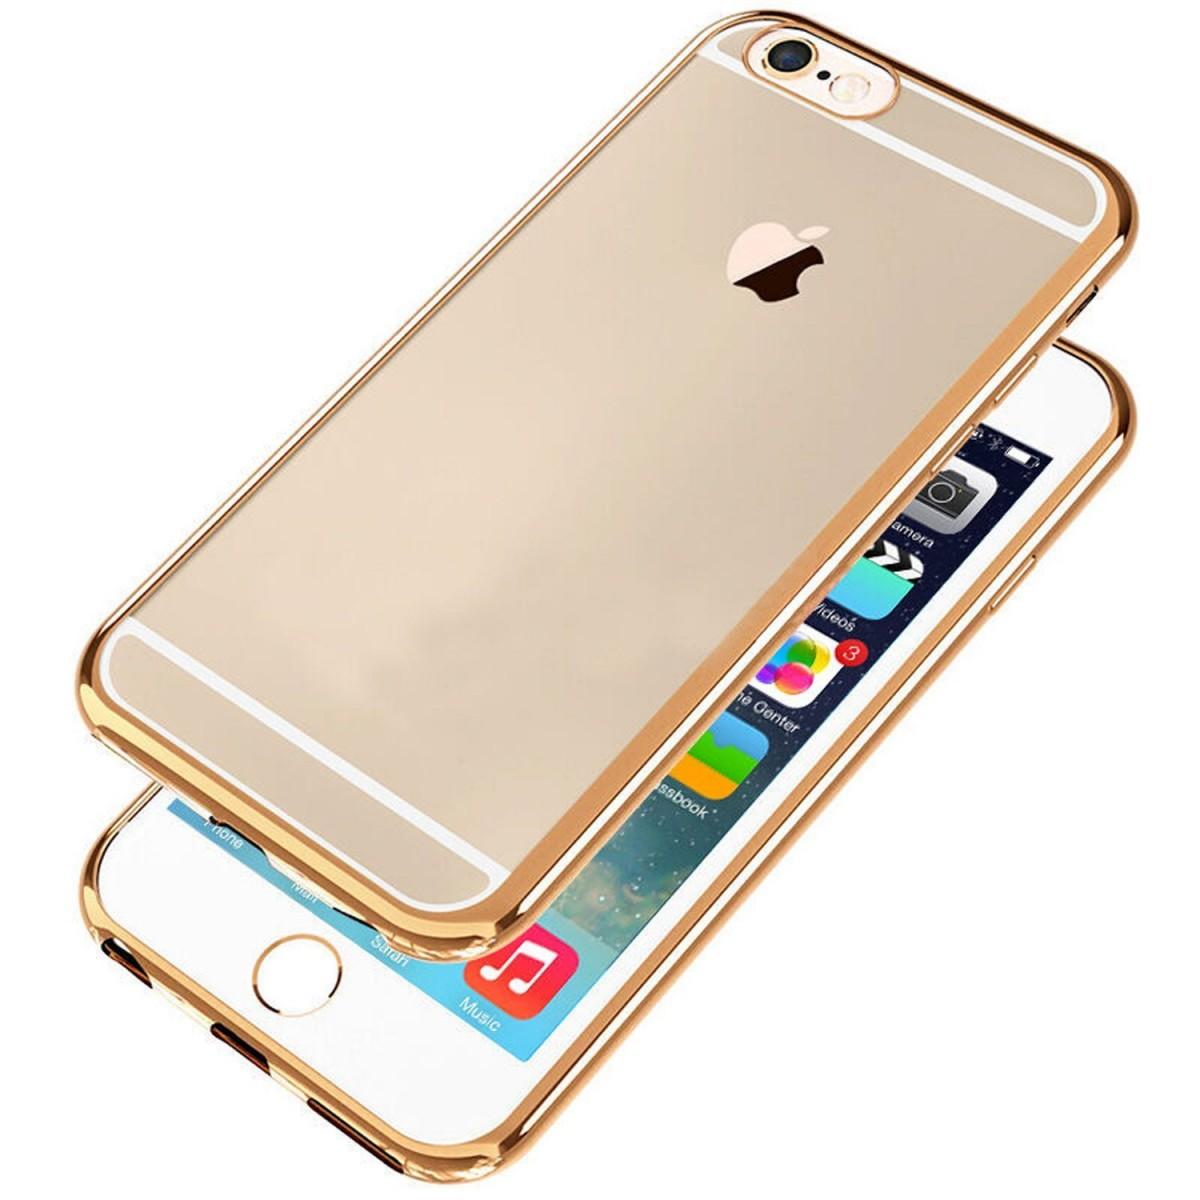 Elegantní obal / kryt RING pro iPhone 6s / 6 (gold)